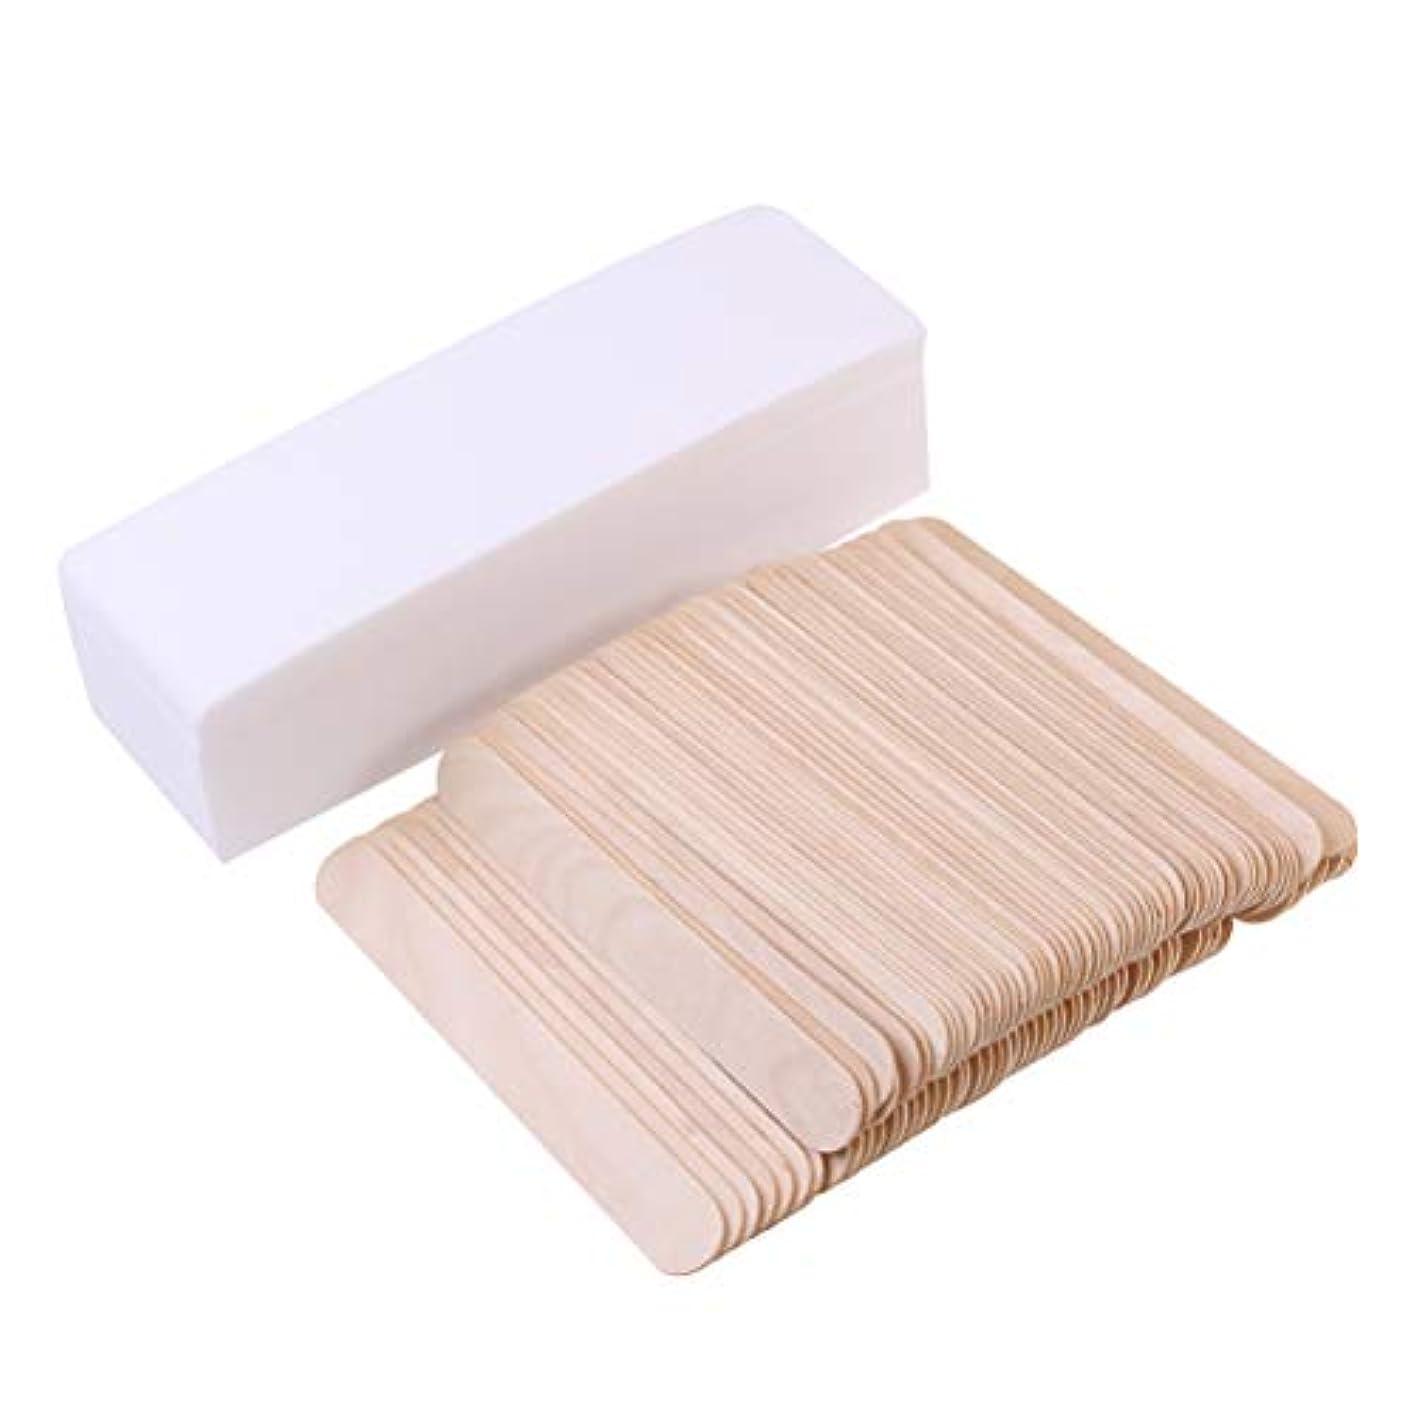 趣味ヒロイックケニアHealifty 毛の取り外しのペーパー使い捨て可能なボディは100pcsワックスが付いているペーパーを取り除きます